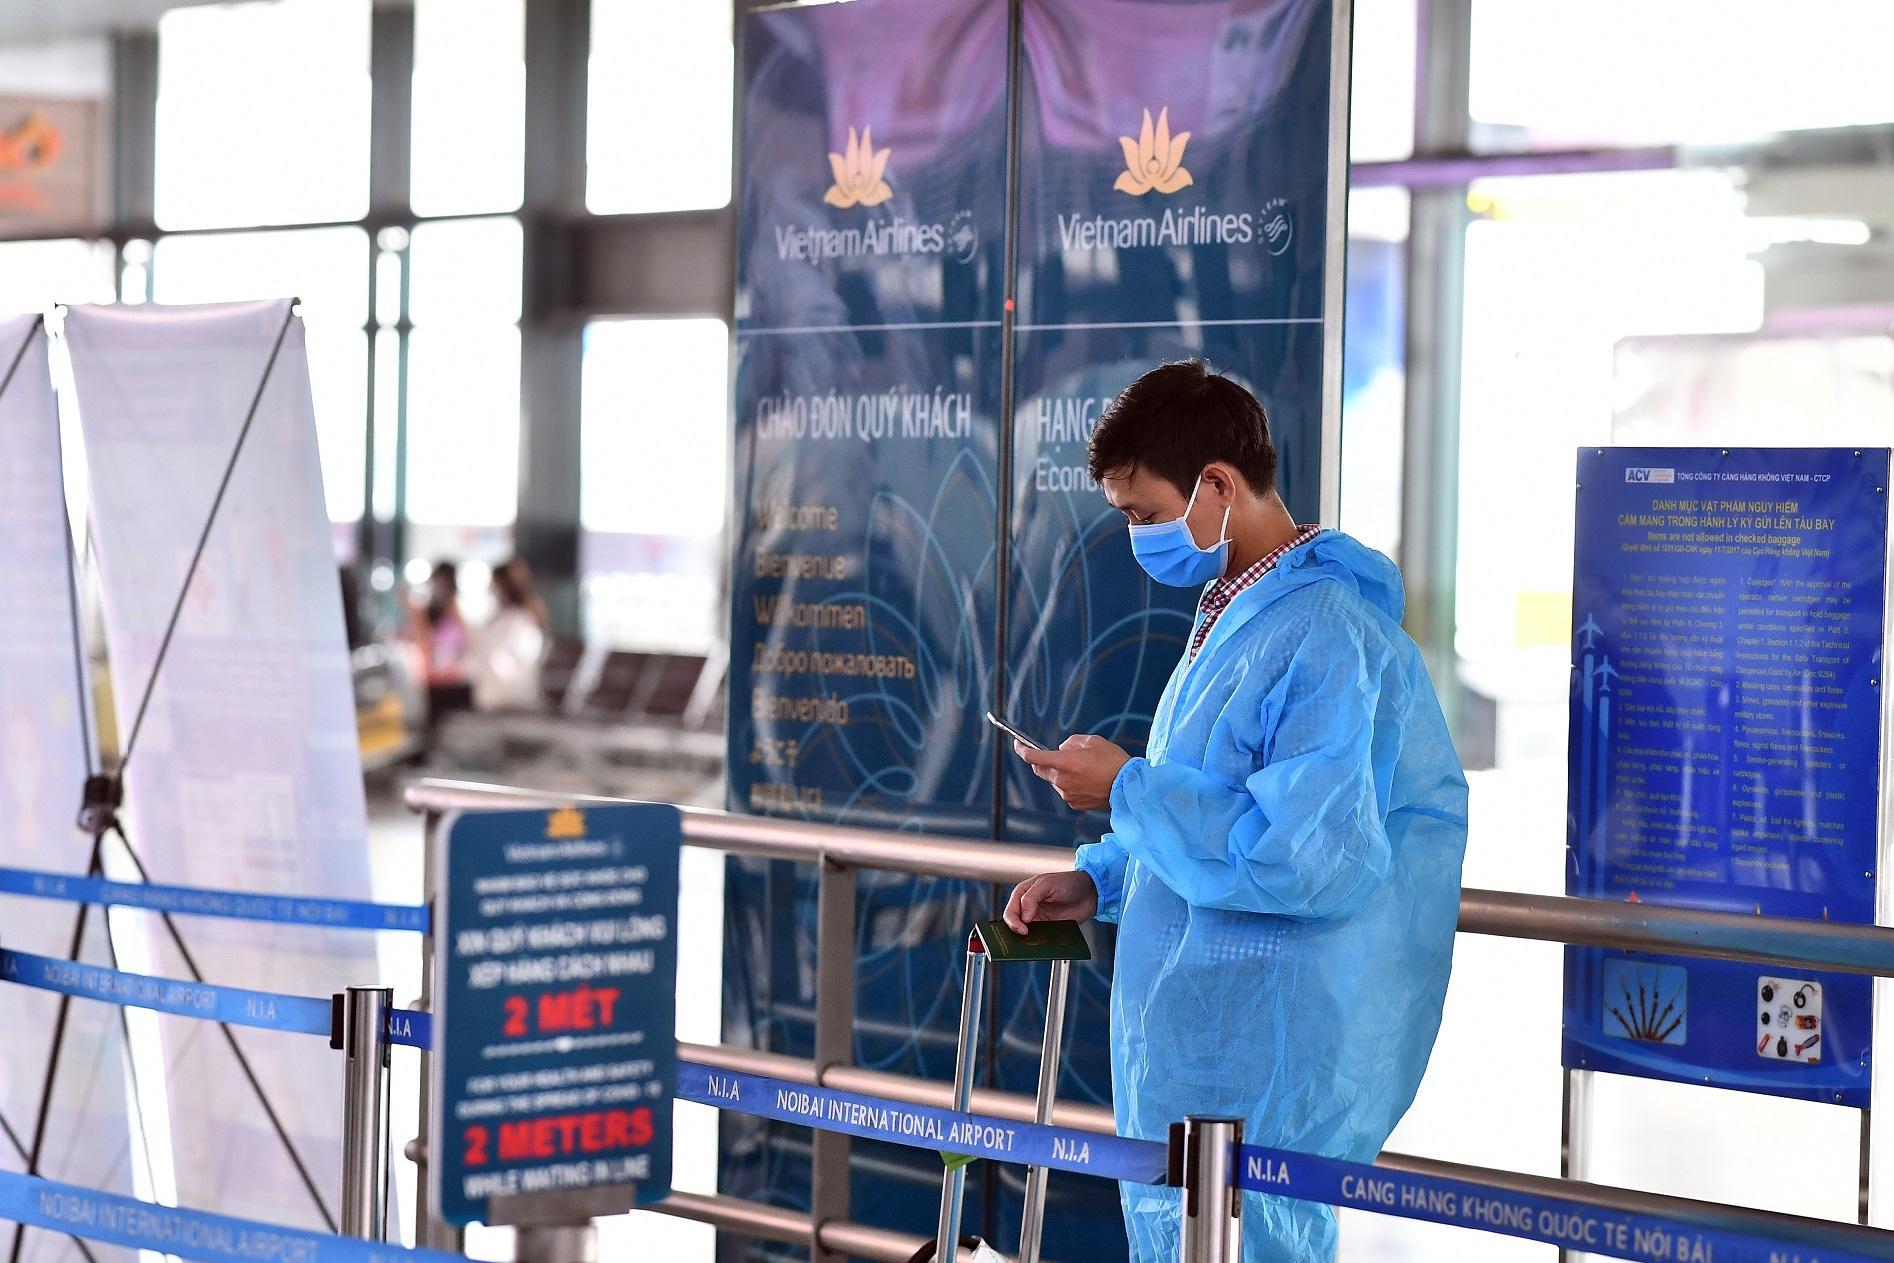 Vì sao vé máy bay siêu rẻ vài chục nghìn đồng vẫn ế khách? - Ảnh 2.